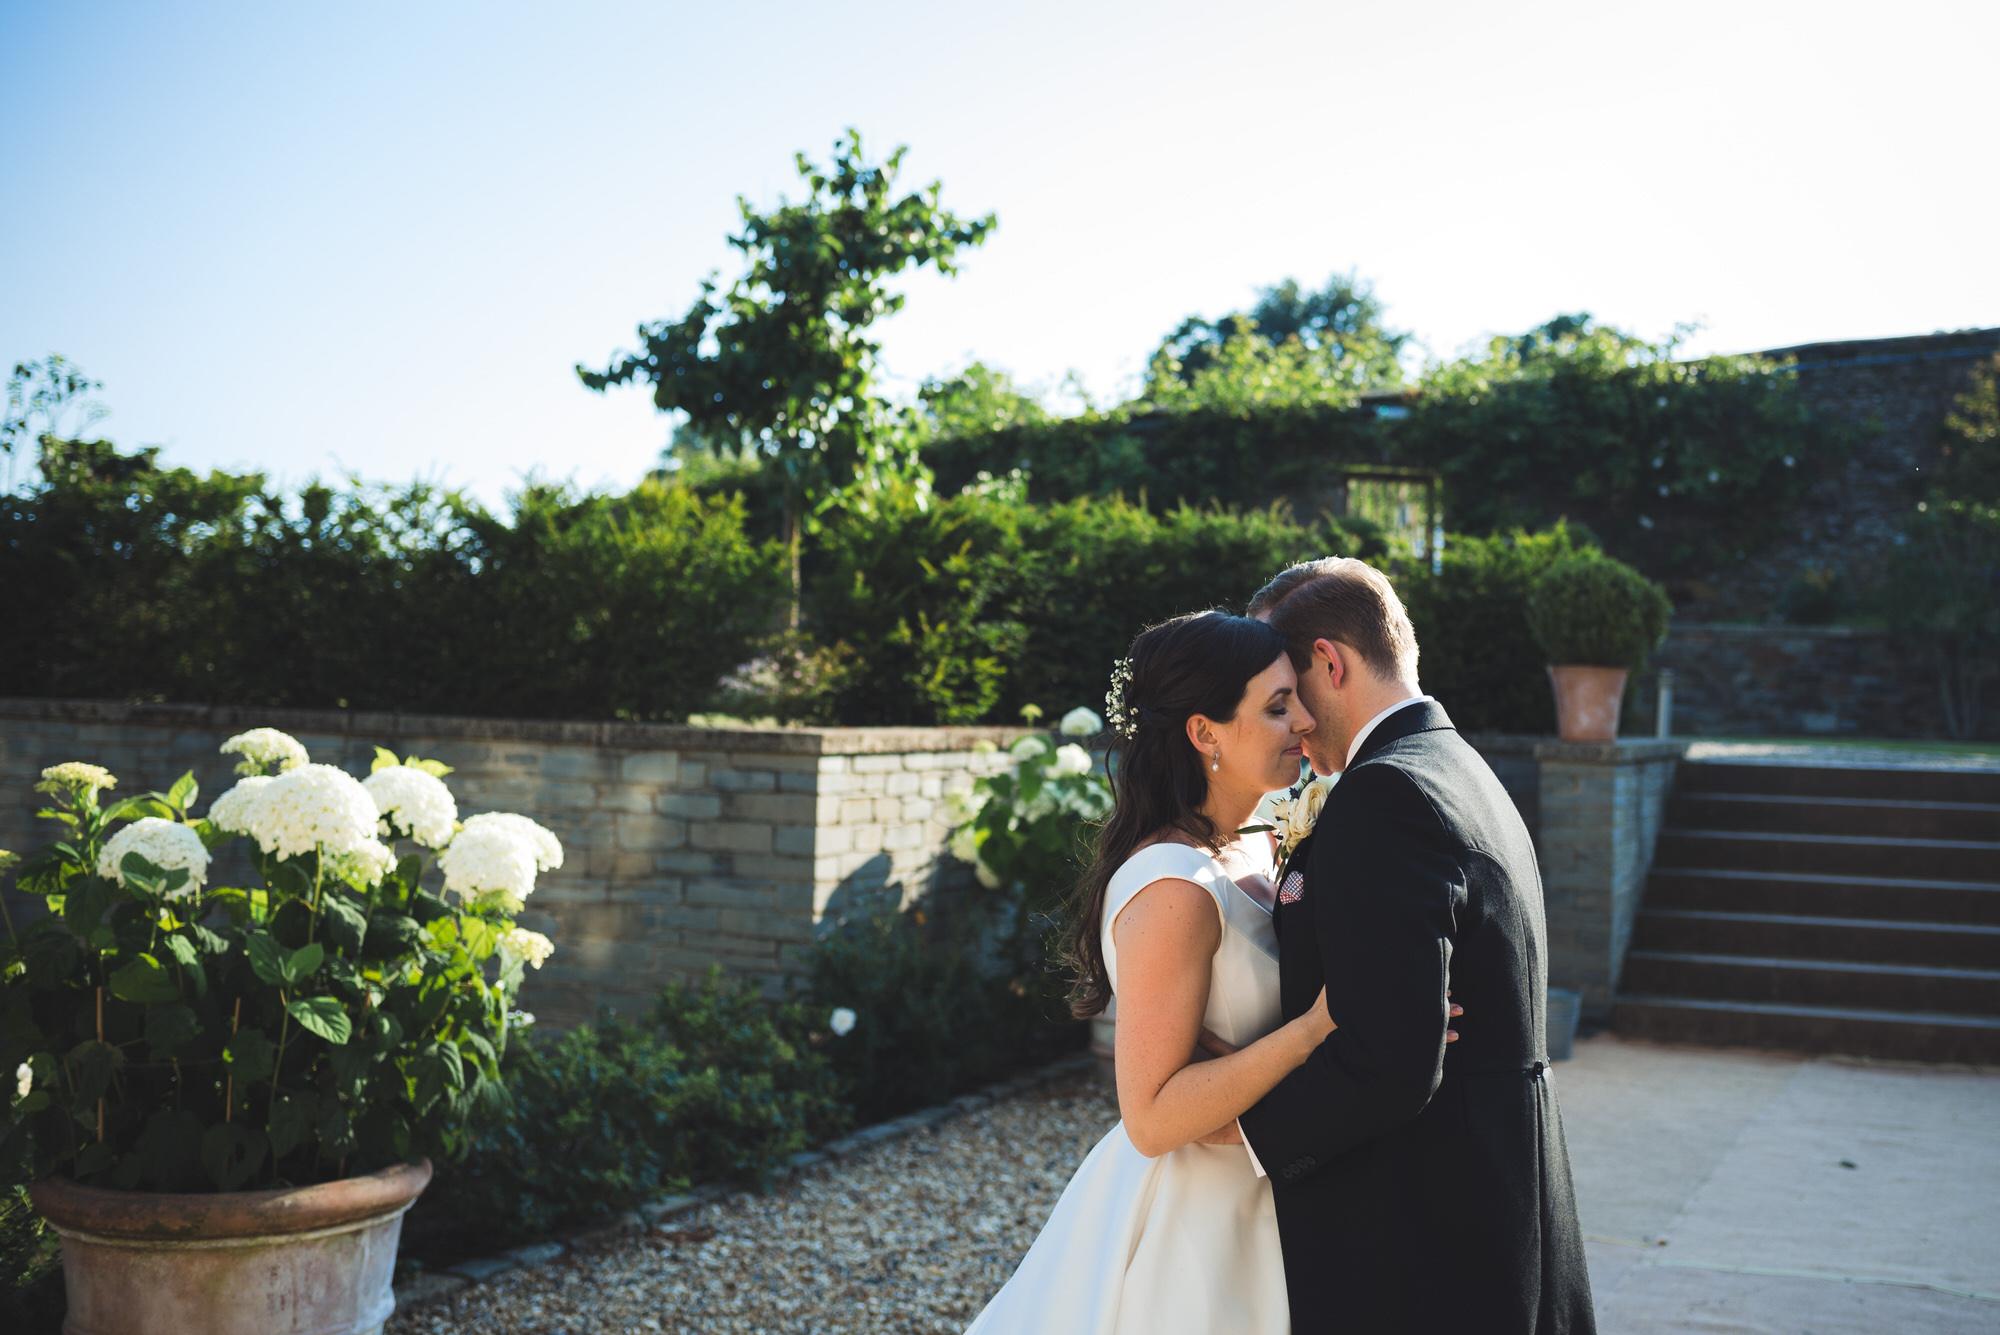 Shilstone House wedding photography